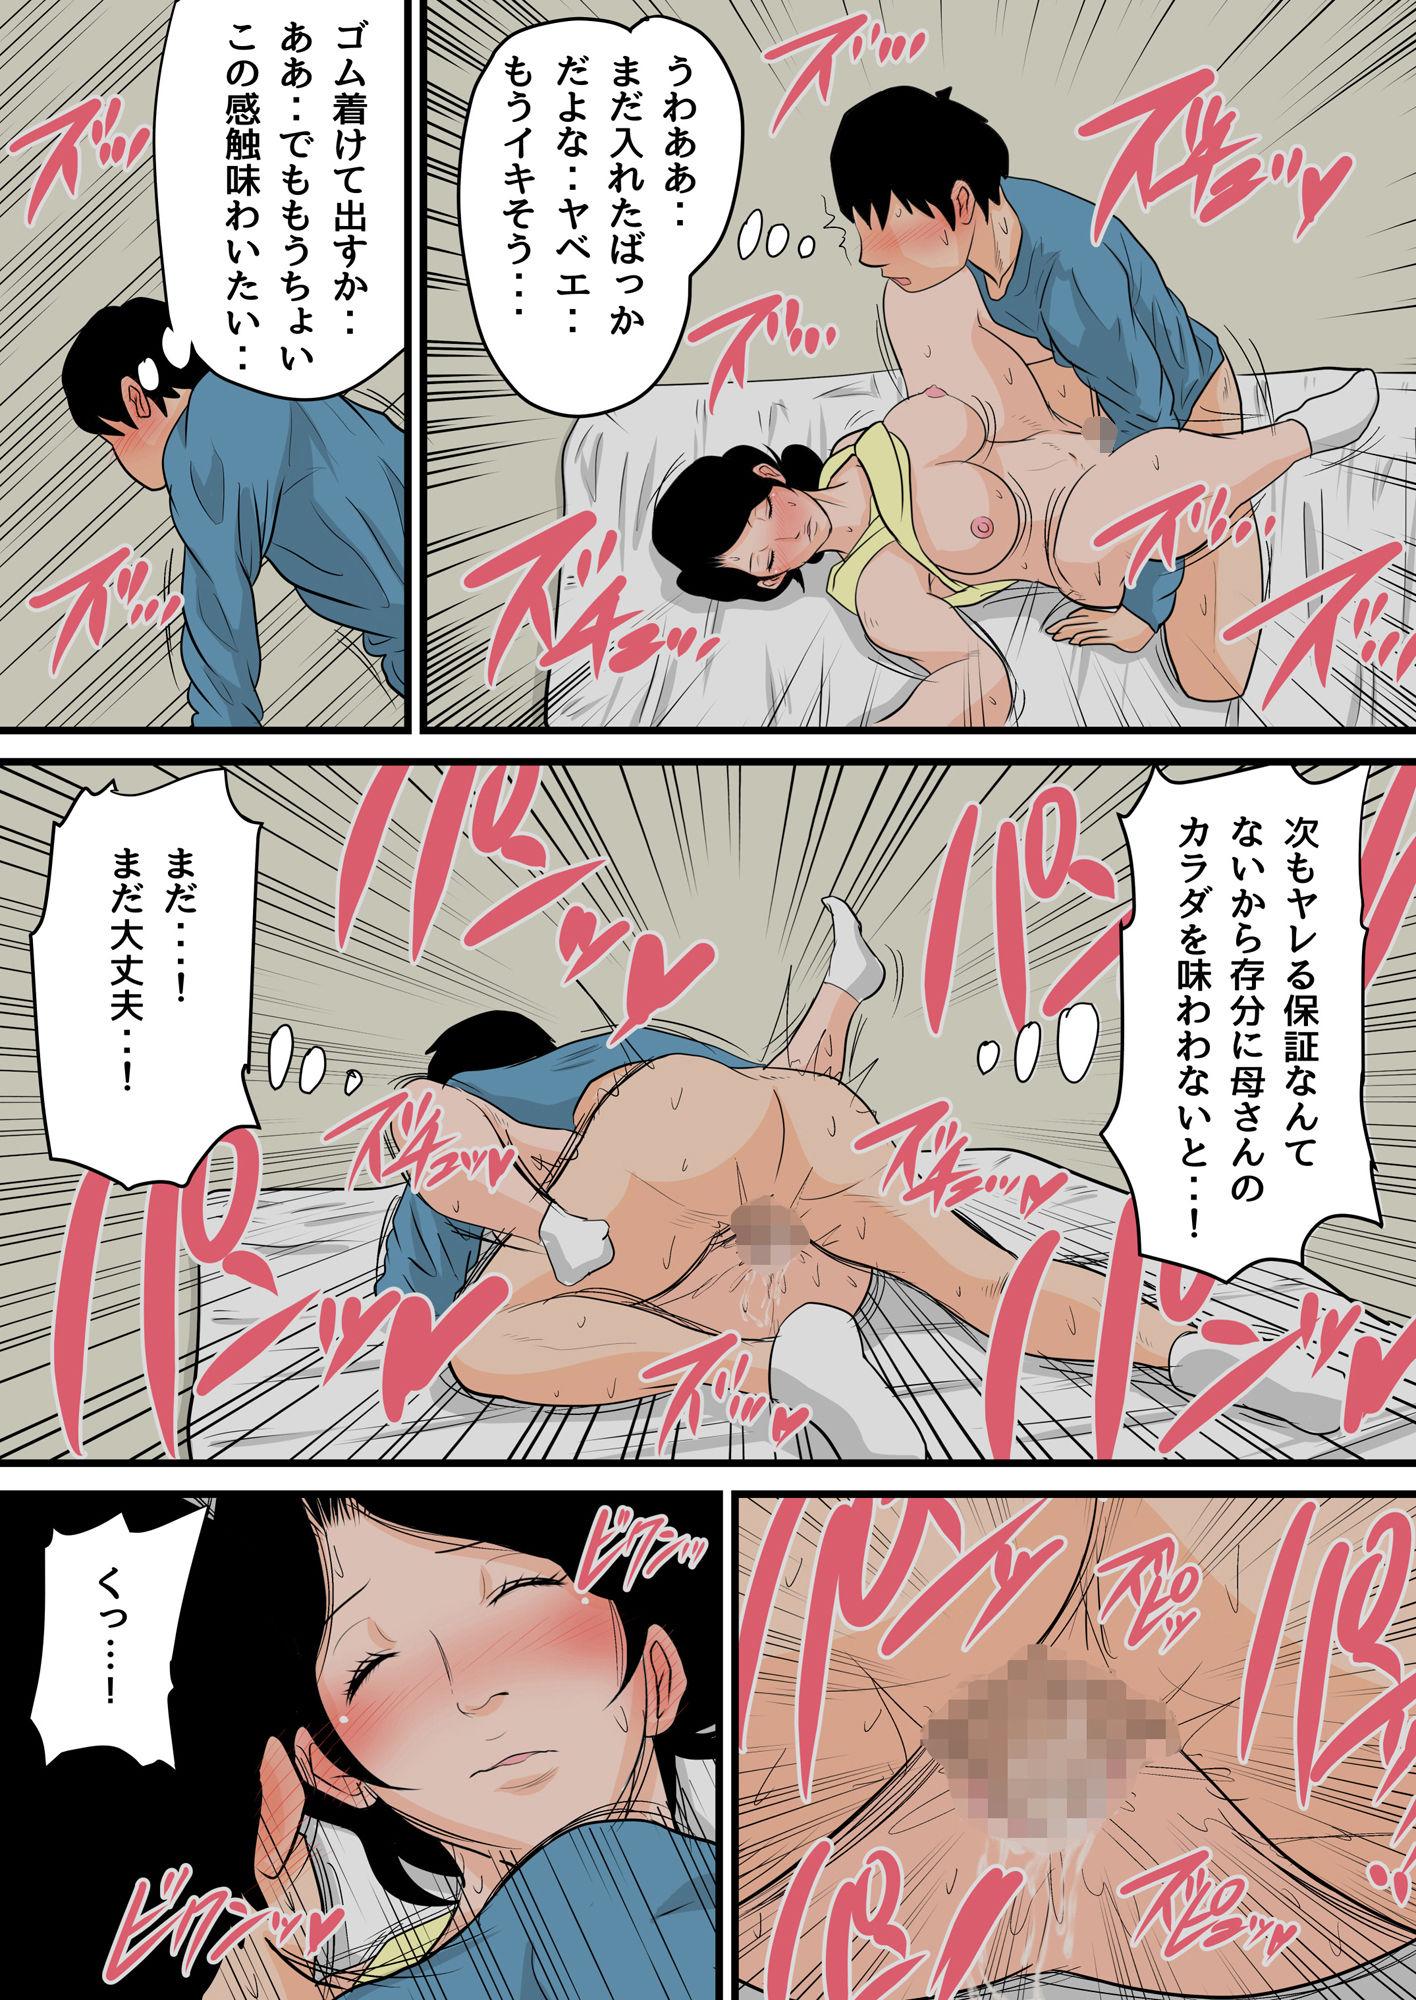 【夏目ベンケイ】眠ったお母さんをヤりたい放題!~我慢できない連続中出し編~